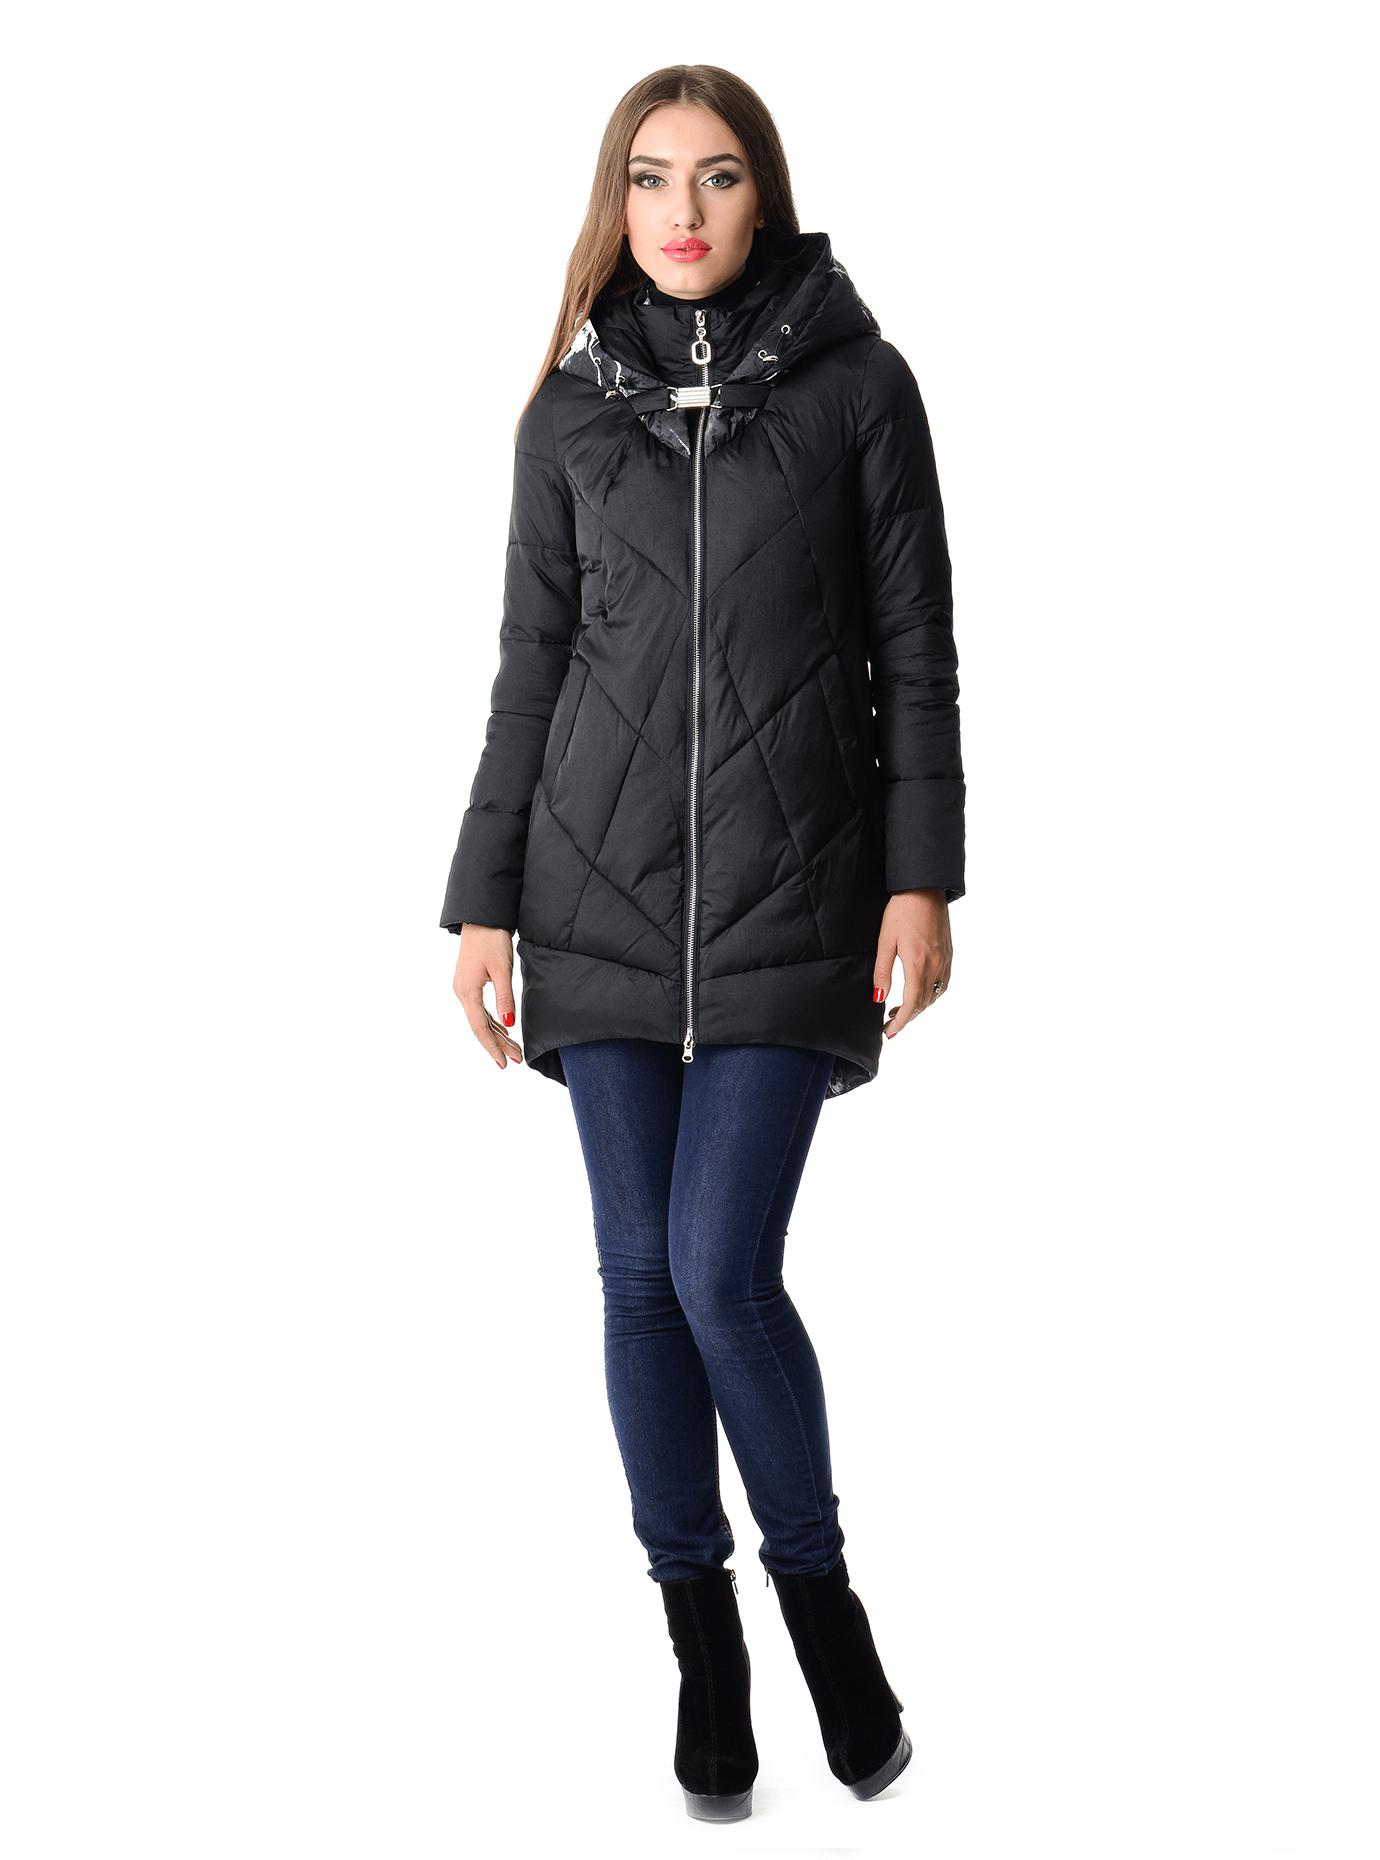 Куртка зимняя средней длины Чёрный M (05-V191265): фото - Alster.ua